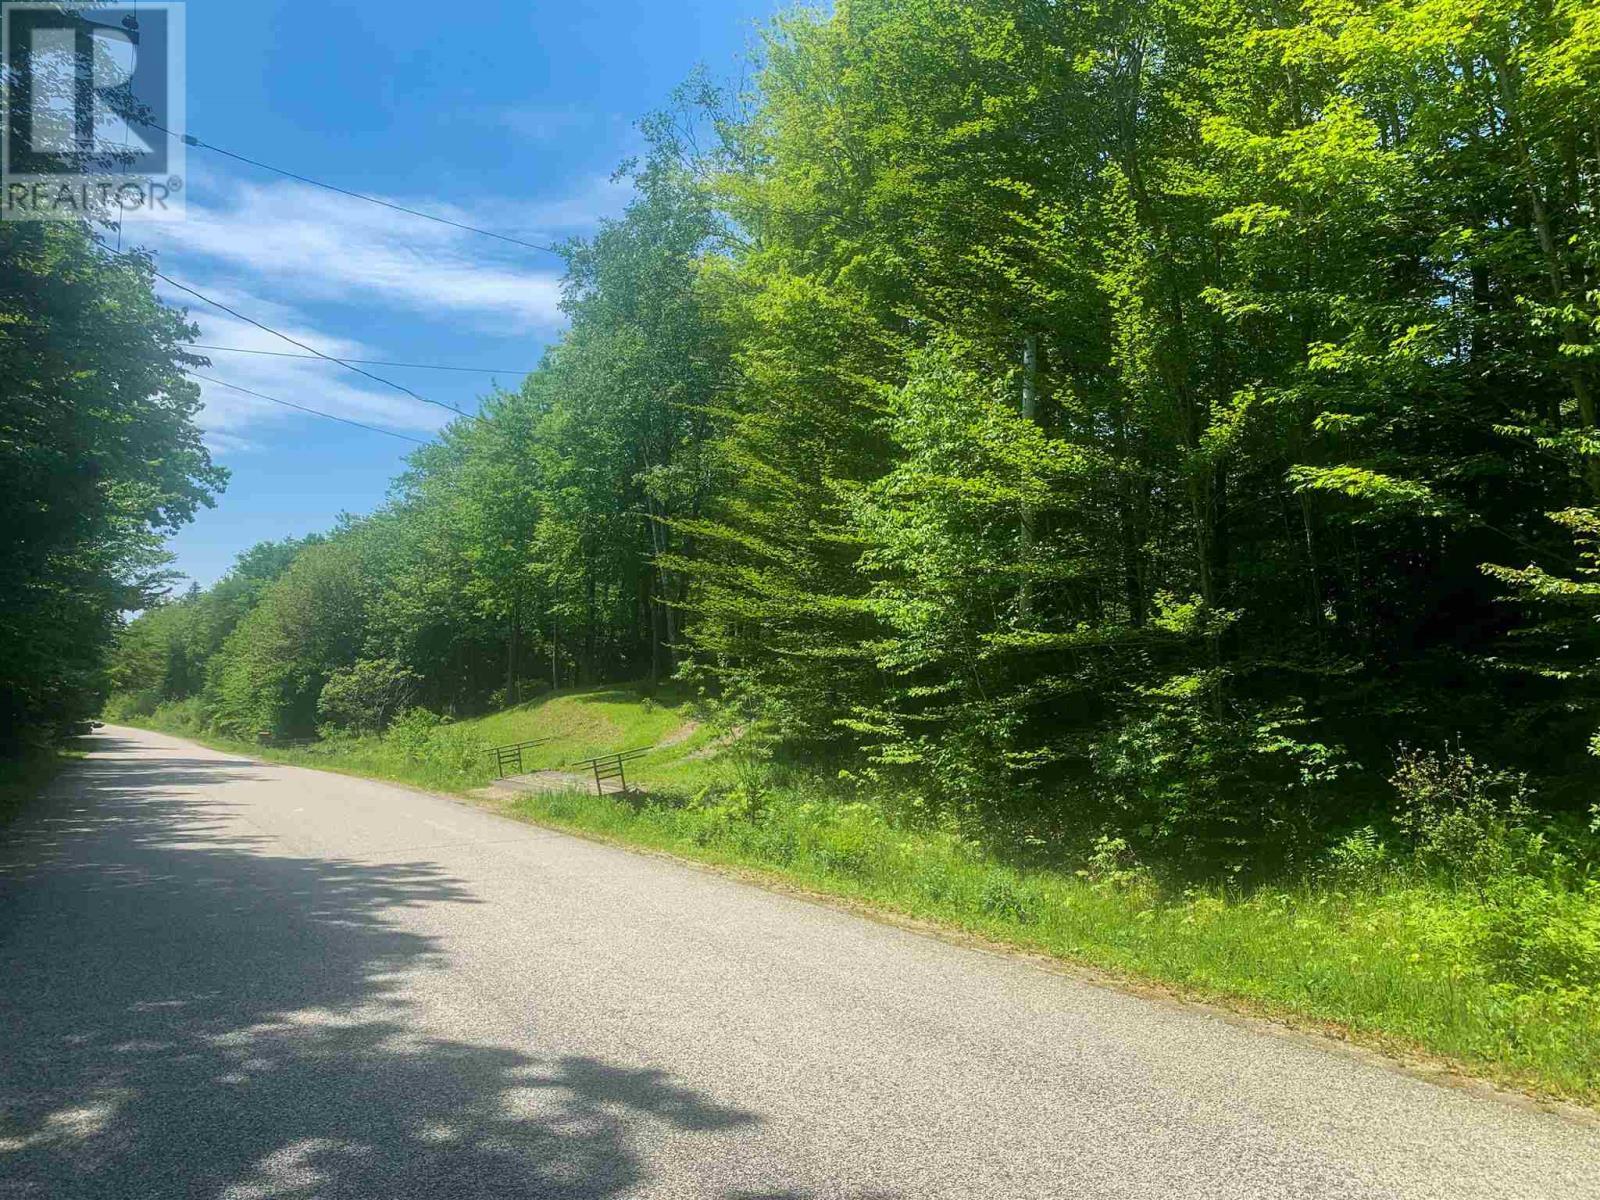 Lot 9 Mood Road, Summerville, Nova Scotia  B5A 5N6 - Photo 1 - 202115200